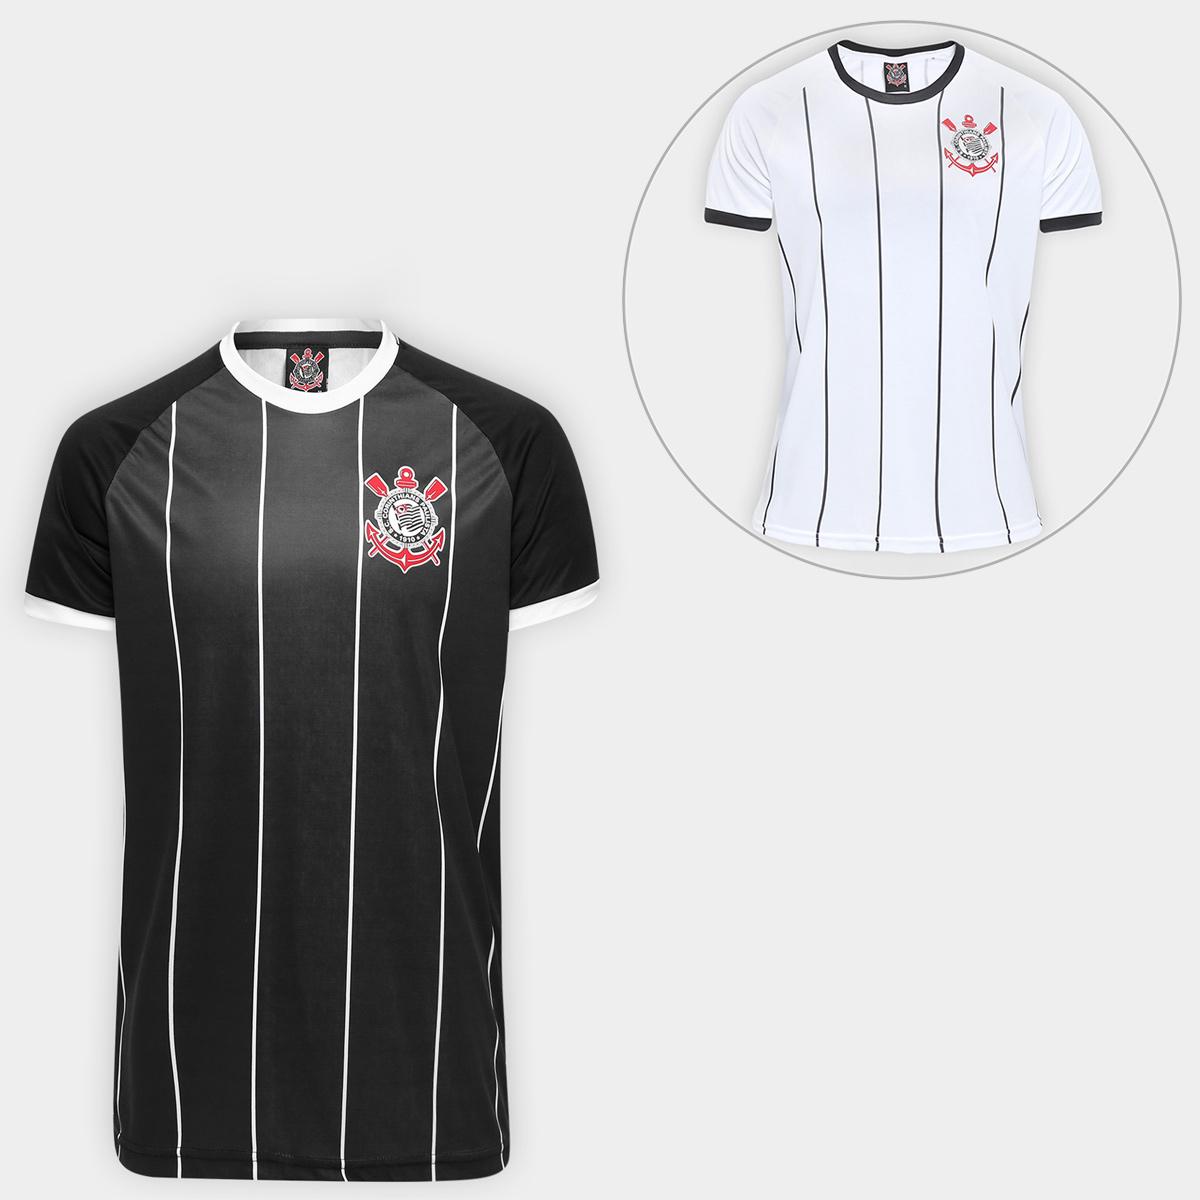 Cupom de desconto - 46% OFF em Super Kit Corinthians Fenomenal - Camisa I + Camisa II - Branco e Preto